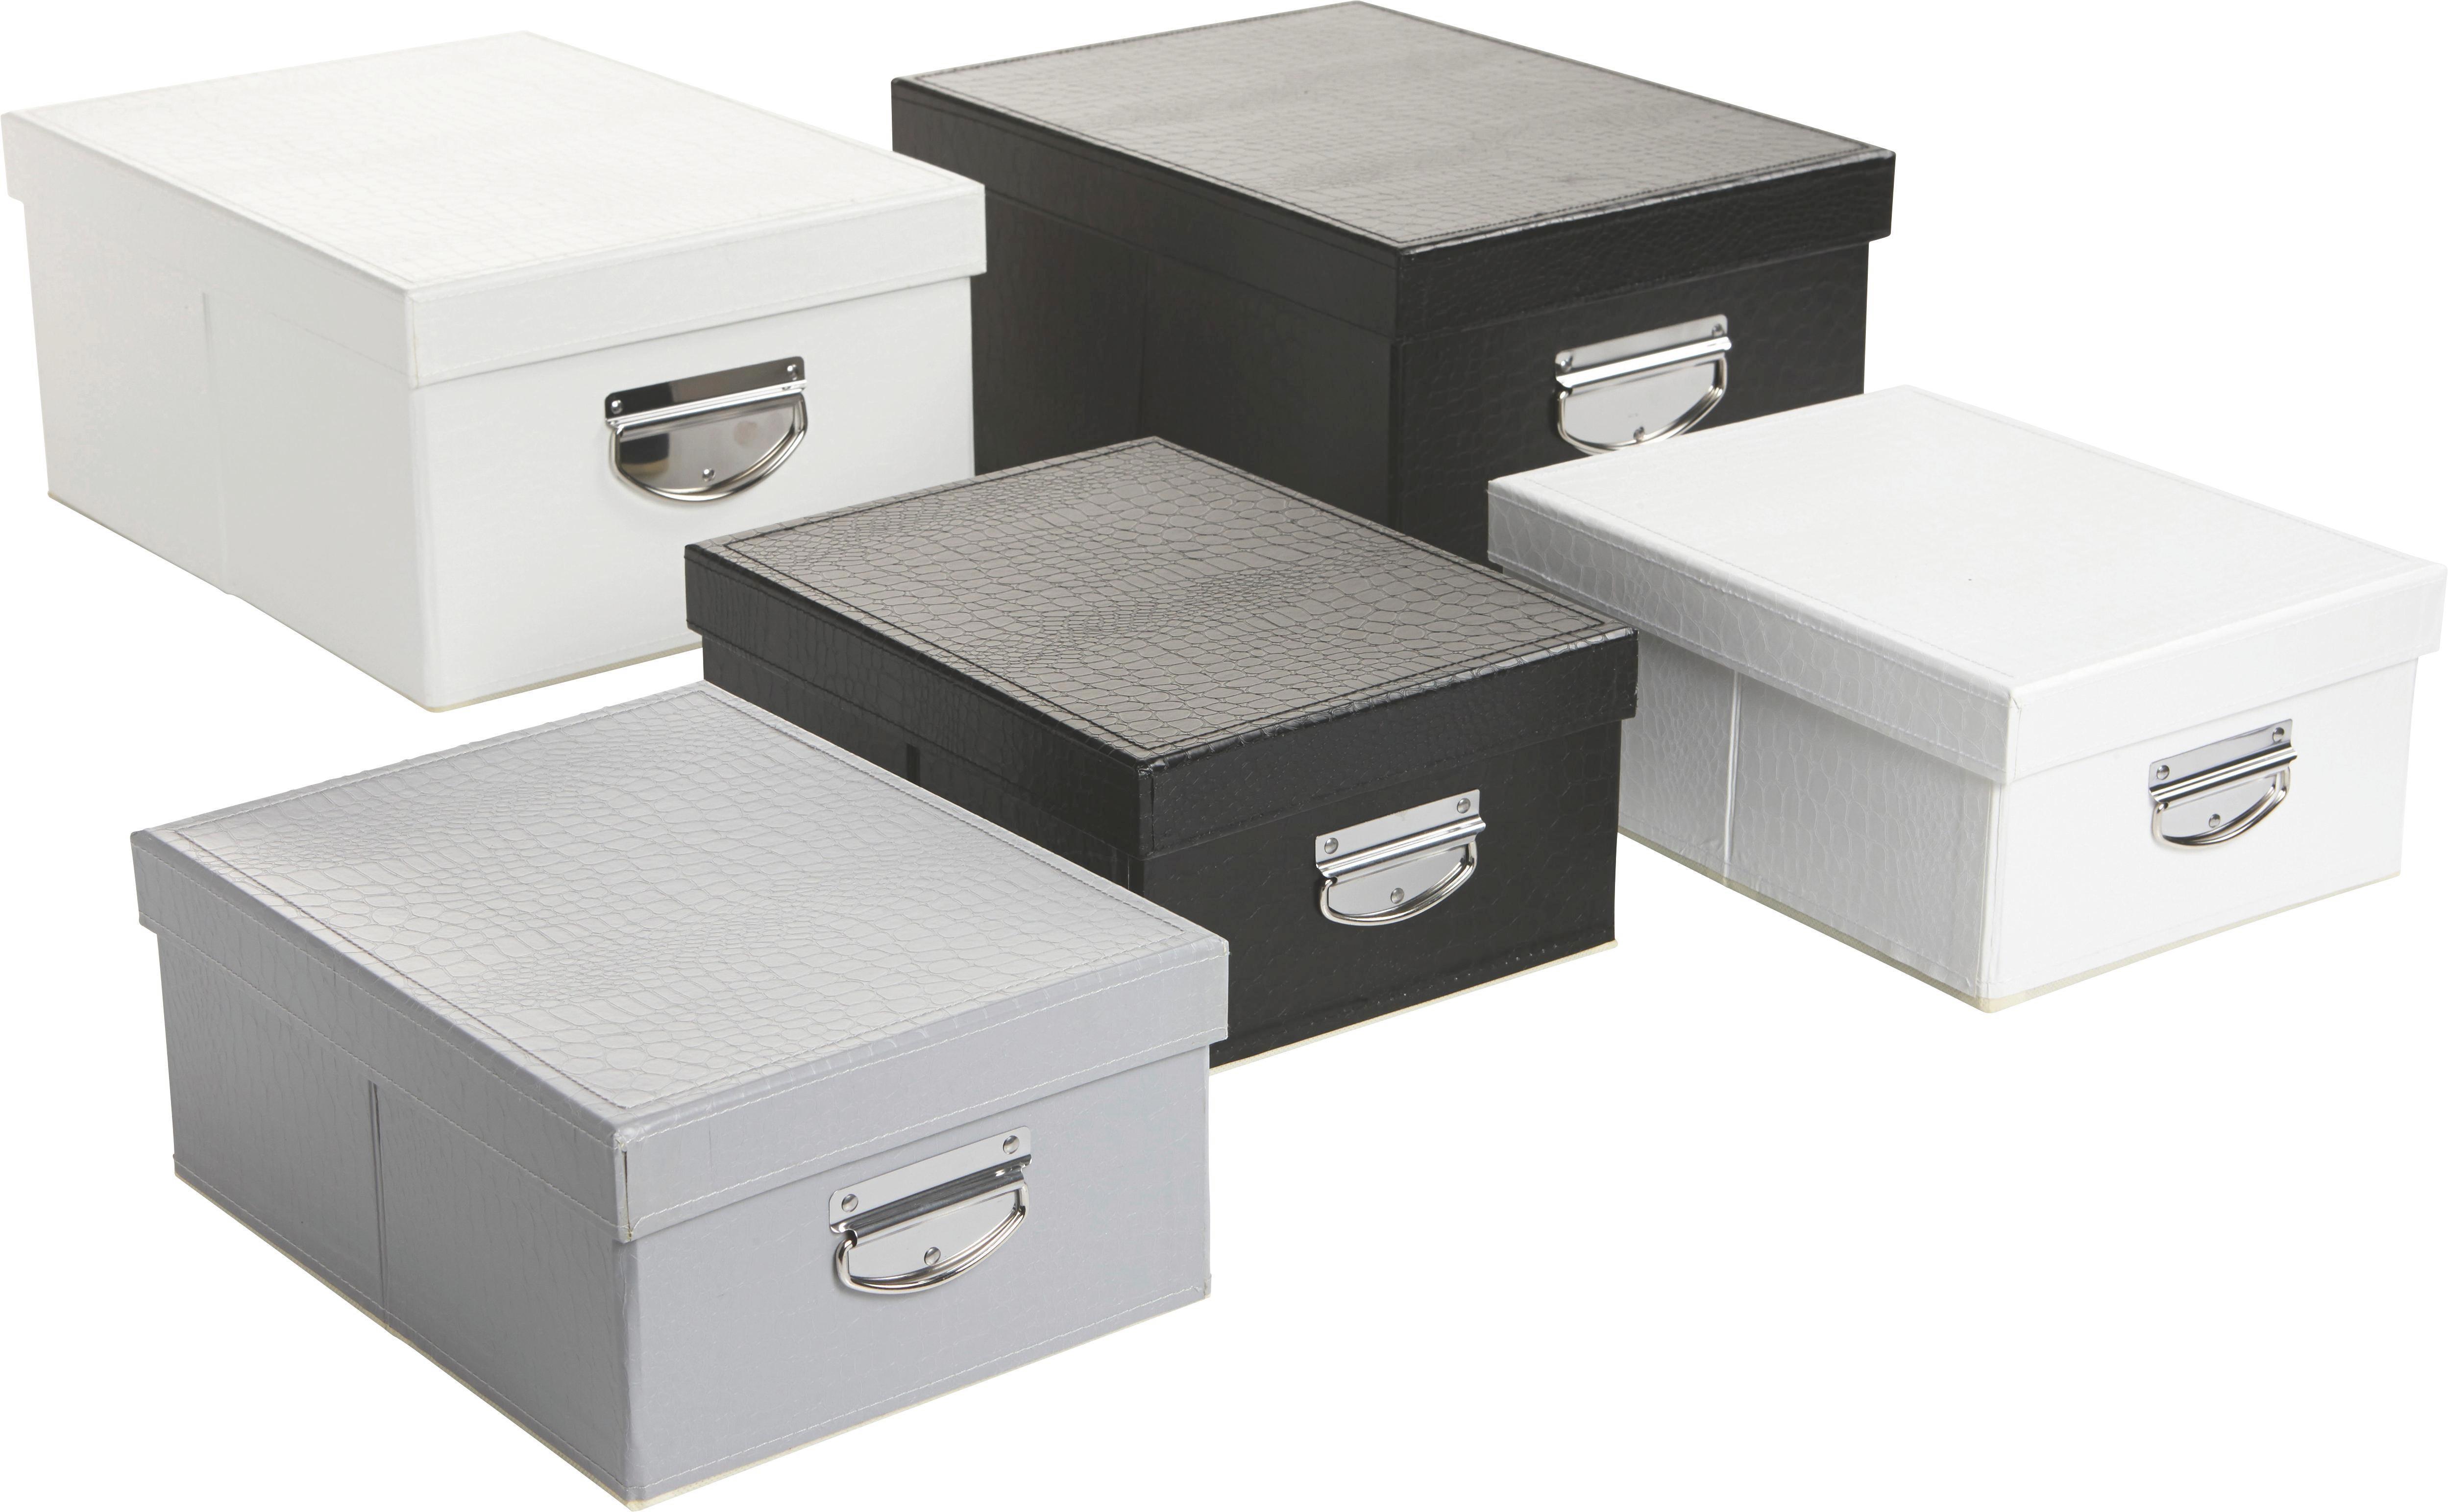 Aufbewahrungsbox Willi ca. 30x23cm - Schwarz/Weiß, MODERN, Karton (30/23/13cm) - MÖMAX modern living